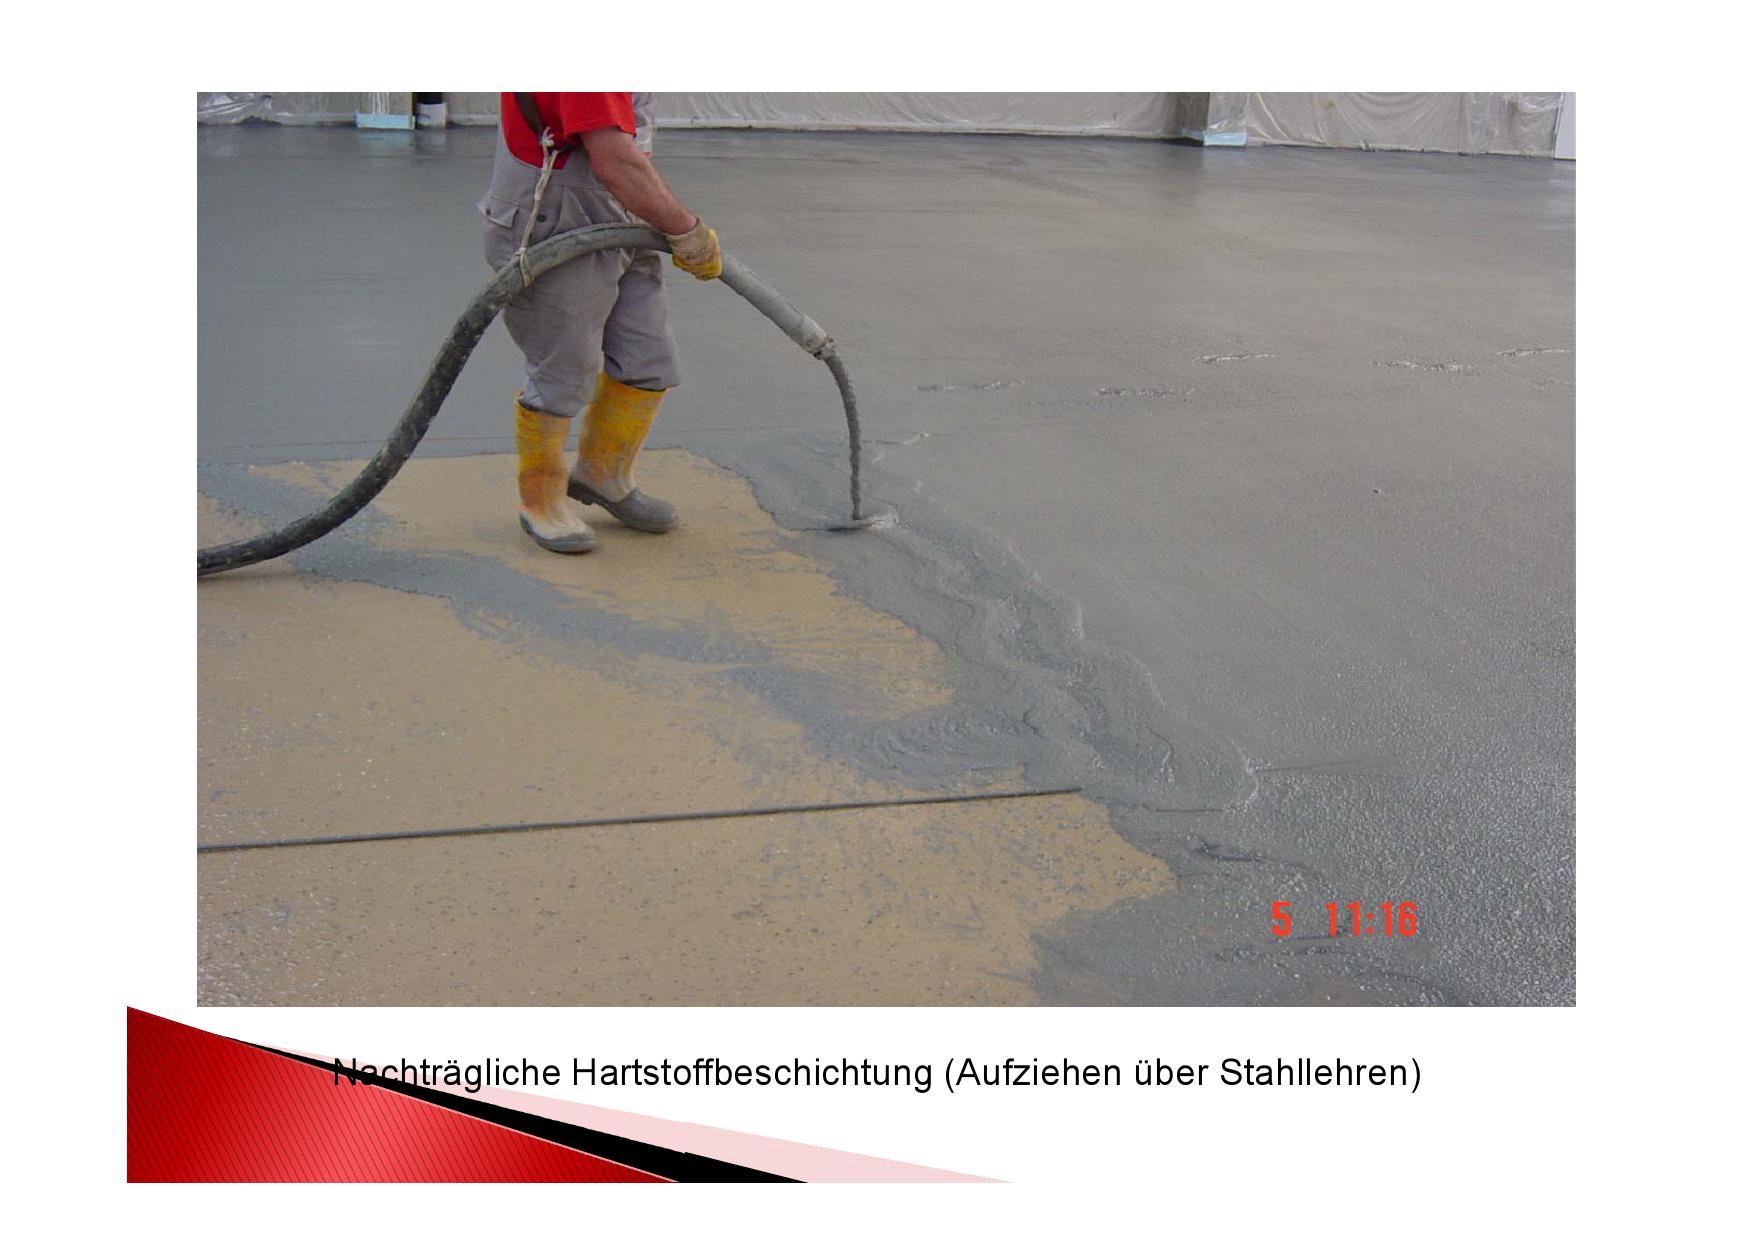 Arbeitsschritt: Nachträgliche Hartstoffbeschichtung. Das Aufziehen erfolgt über fixierte Stahllehren.